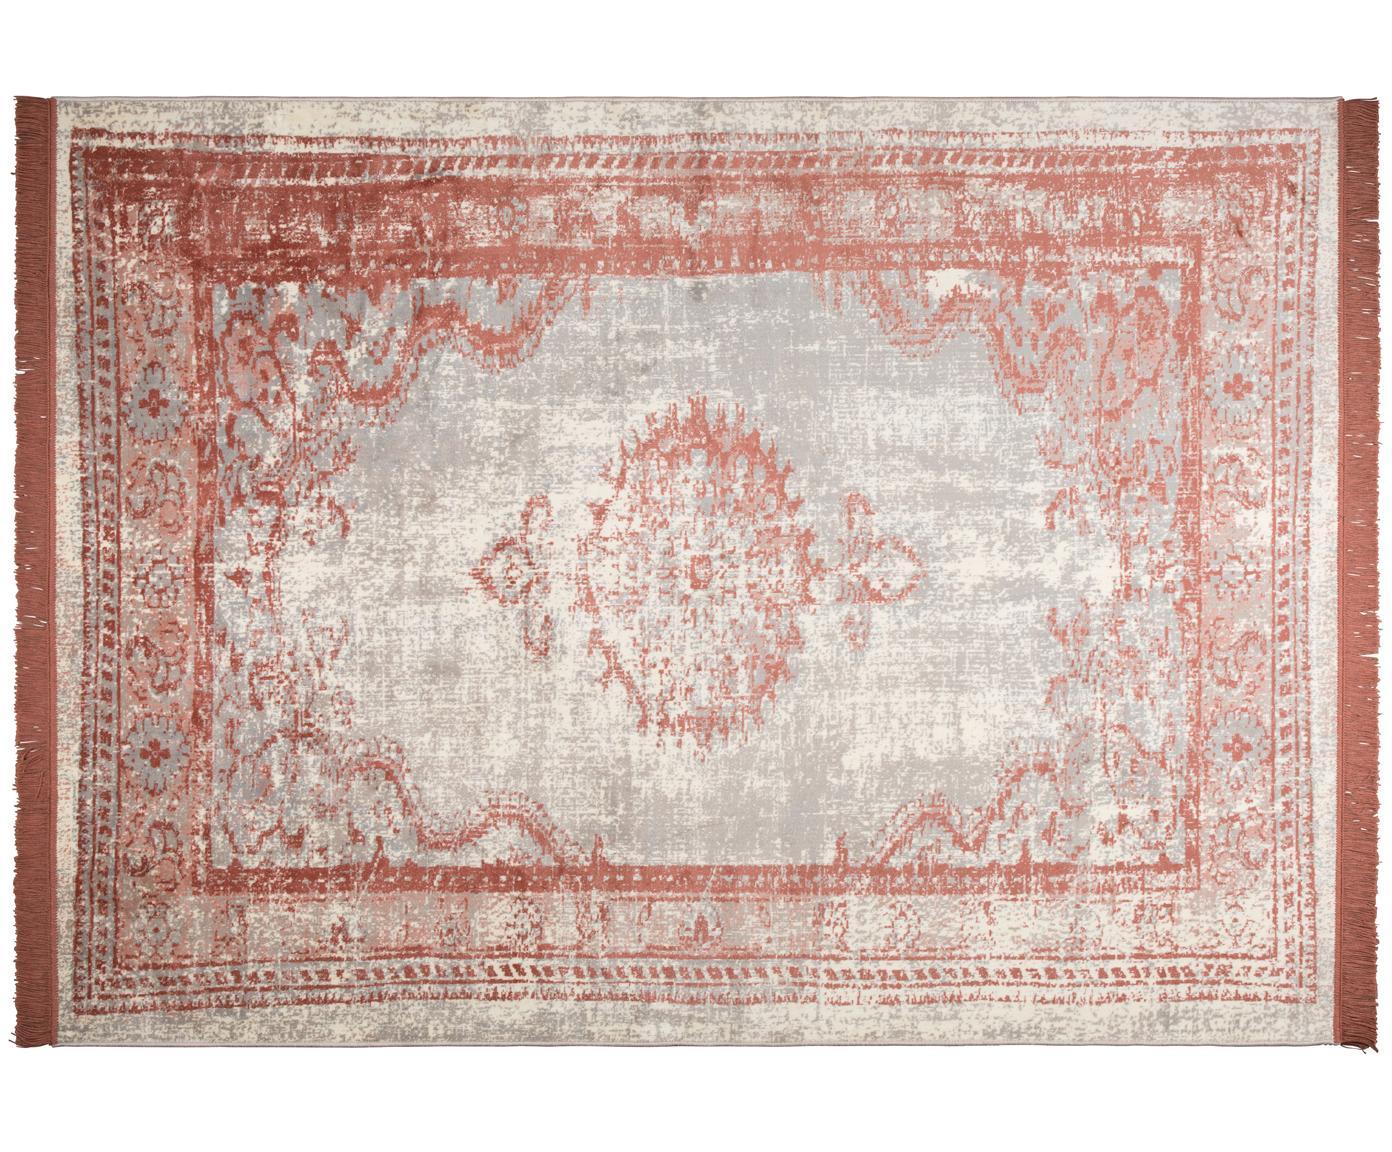 Vintage Teppich Marvel mit Fransen, Flor: 66% Kunstseide, 25% Baumw, Lachsrot und Beigetöne, B 200 x L 300 cm (Grösse L)